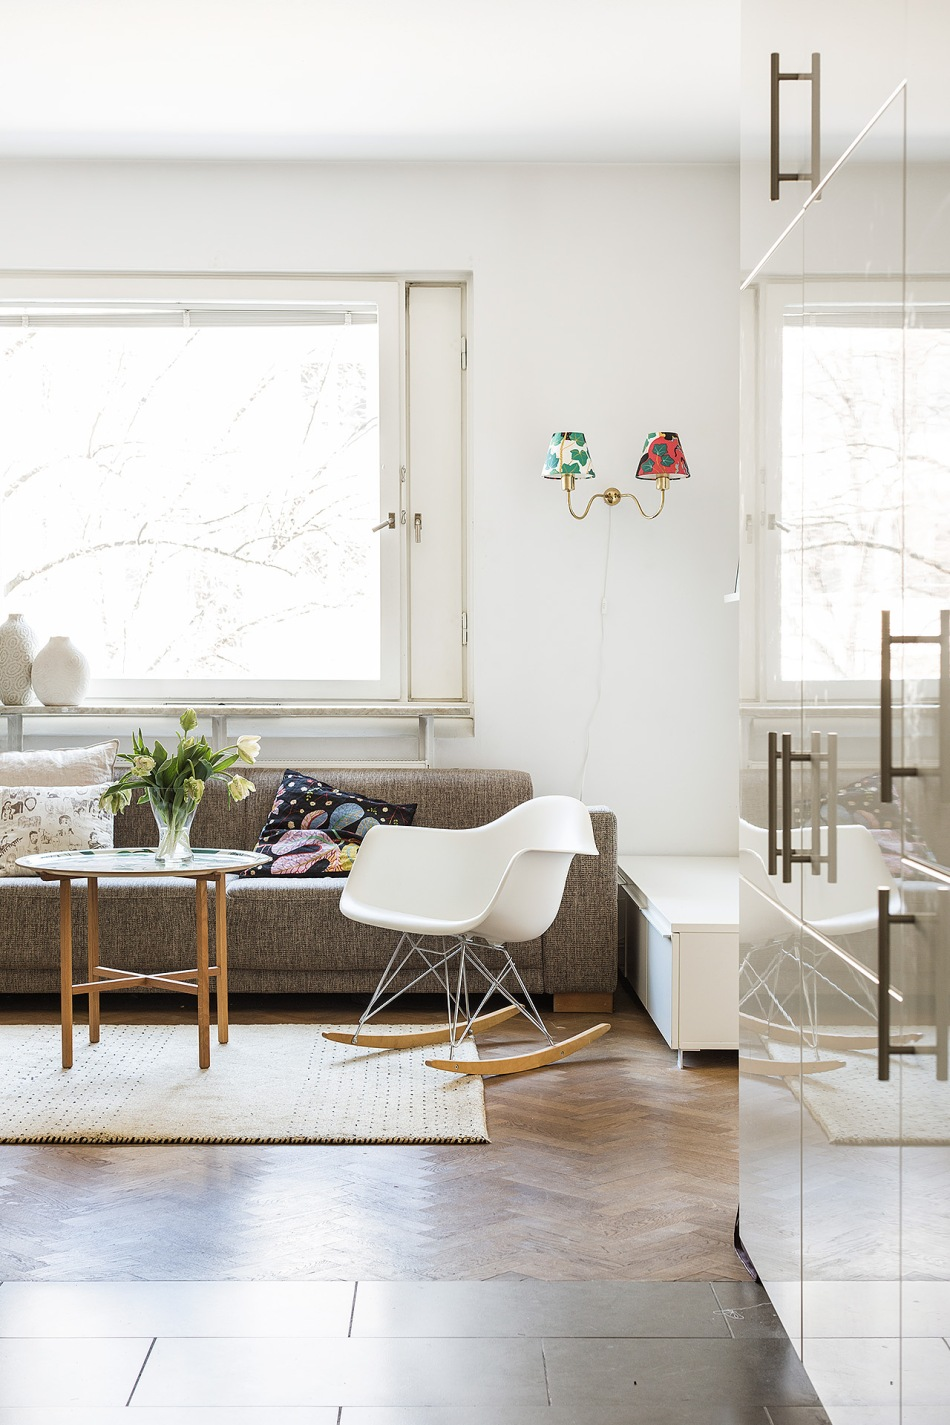 Östermalm vardagsrum köksklinkers fiskbensparkett fotölj soffa vägglampa